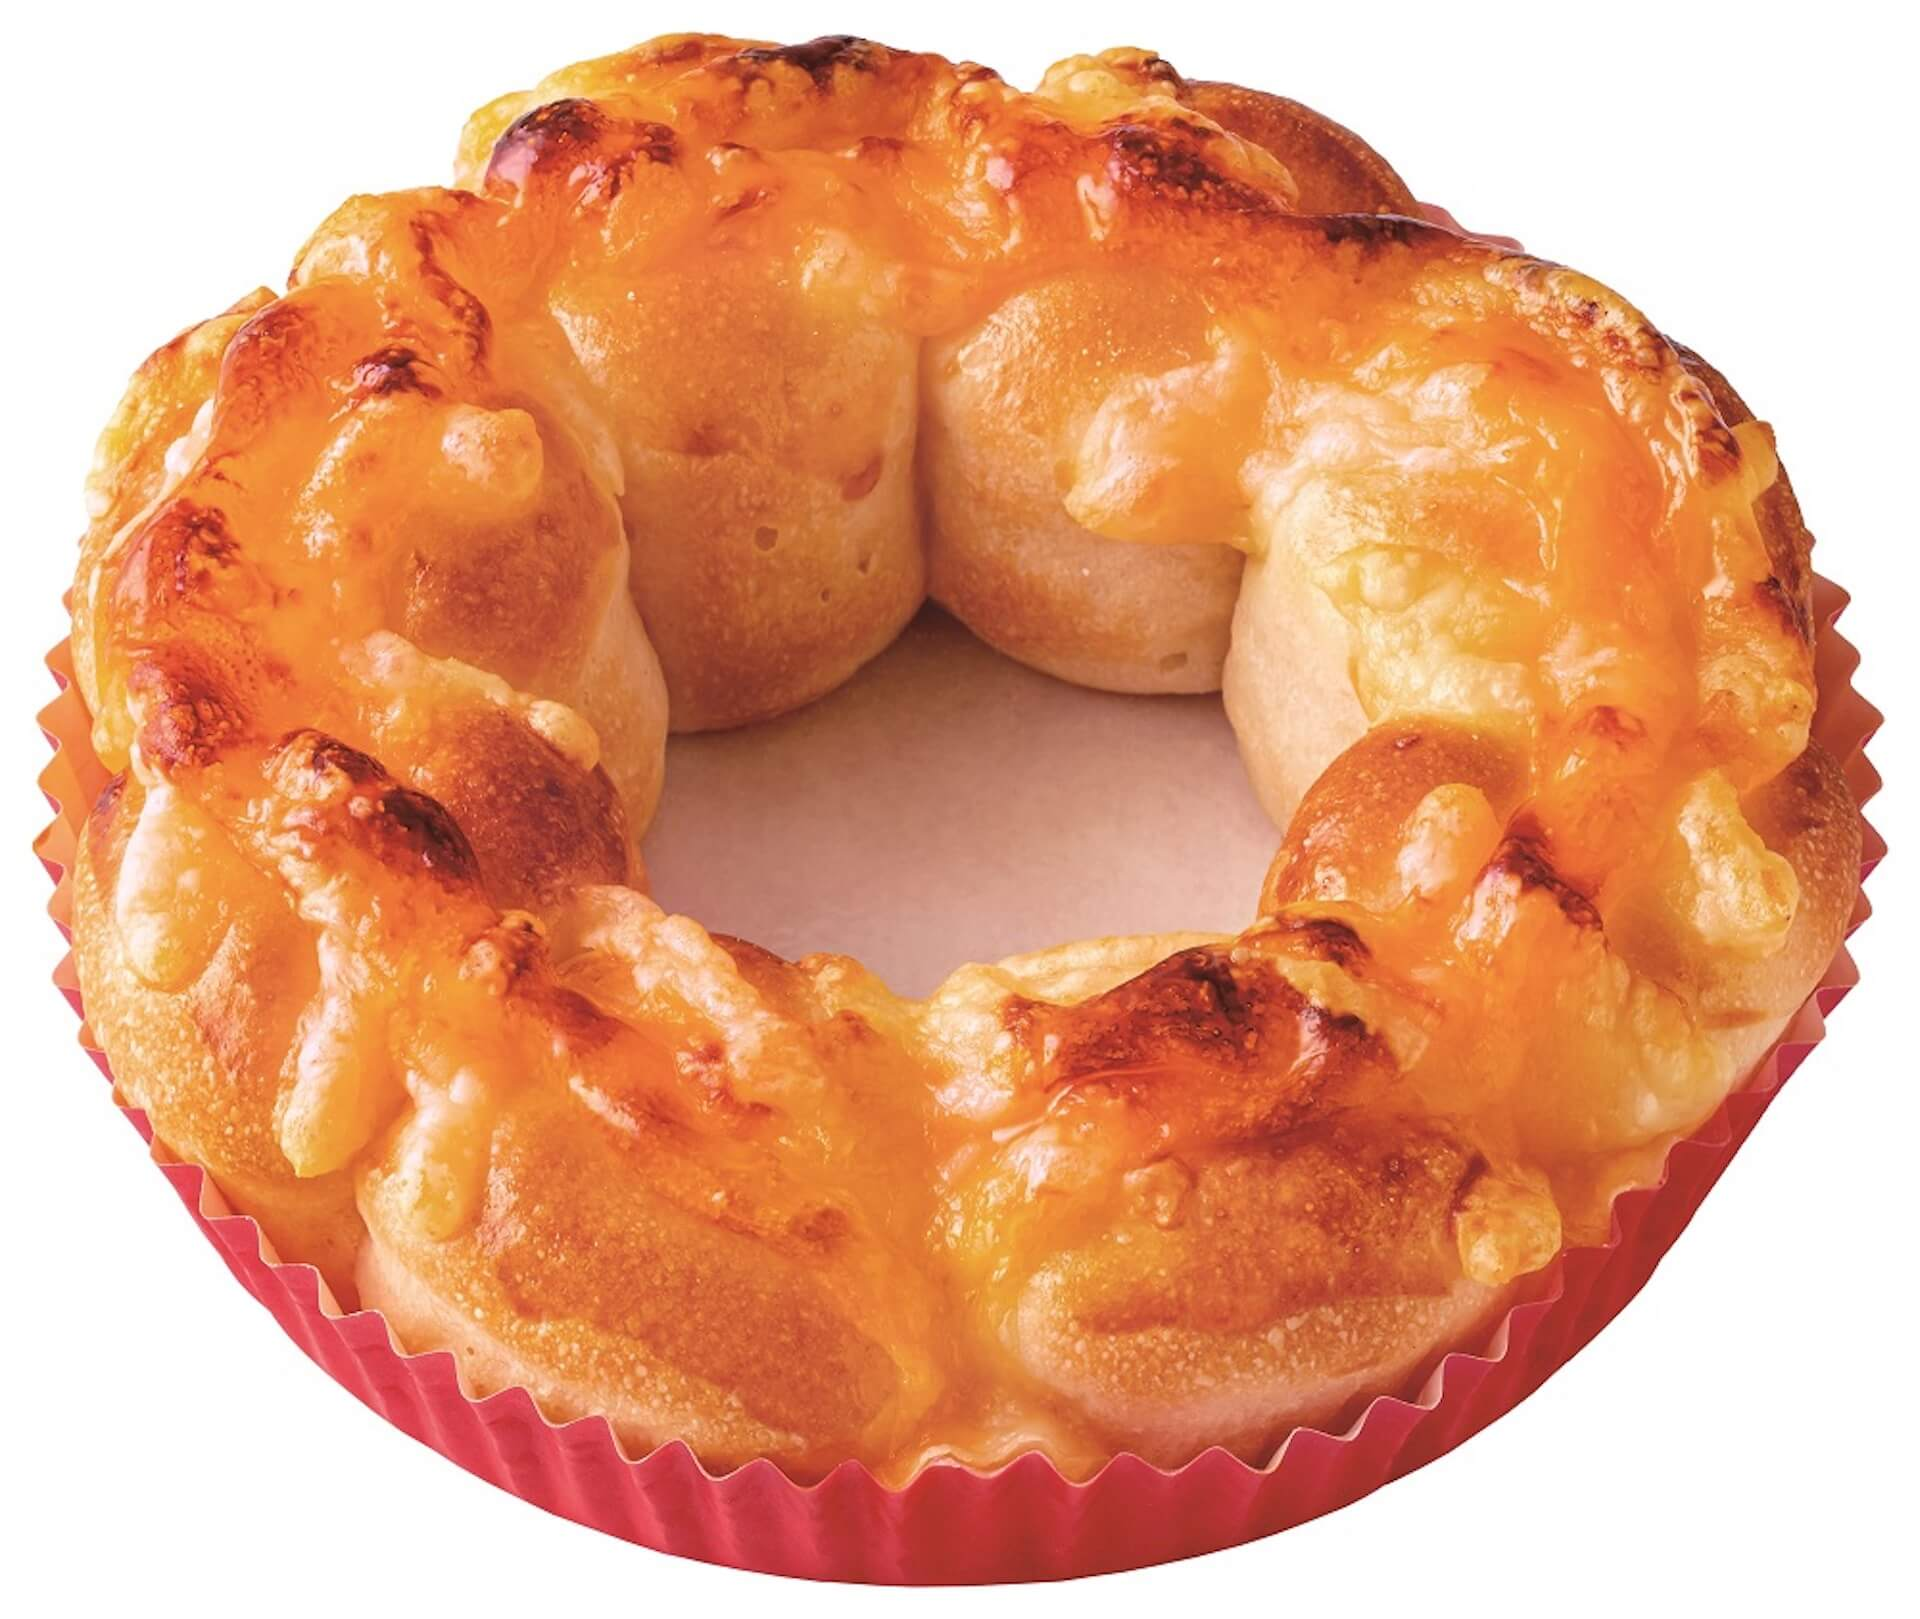 ポン・デ・リングのような新感覚のミスドゴハン!ミスタードーナツで『ポン・デ・ちぎりパン』3種が発売決定 gourmet200616_misterdonuts_2